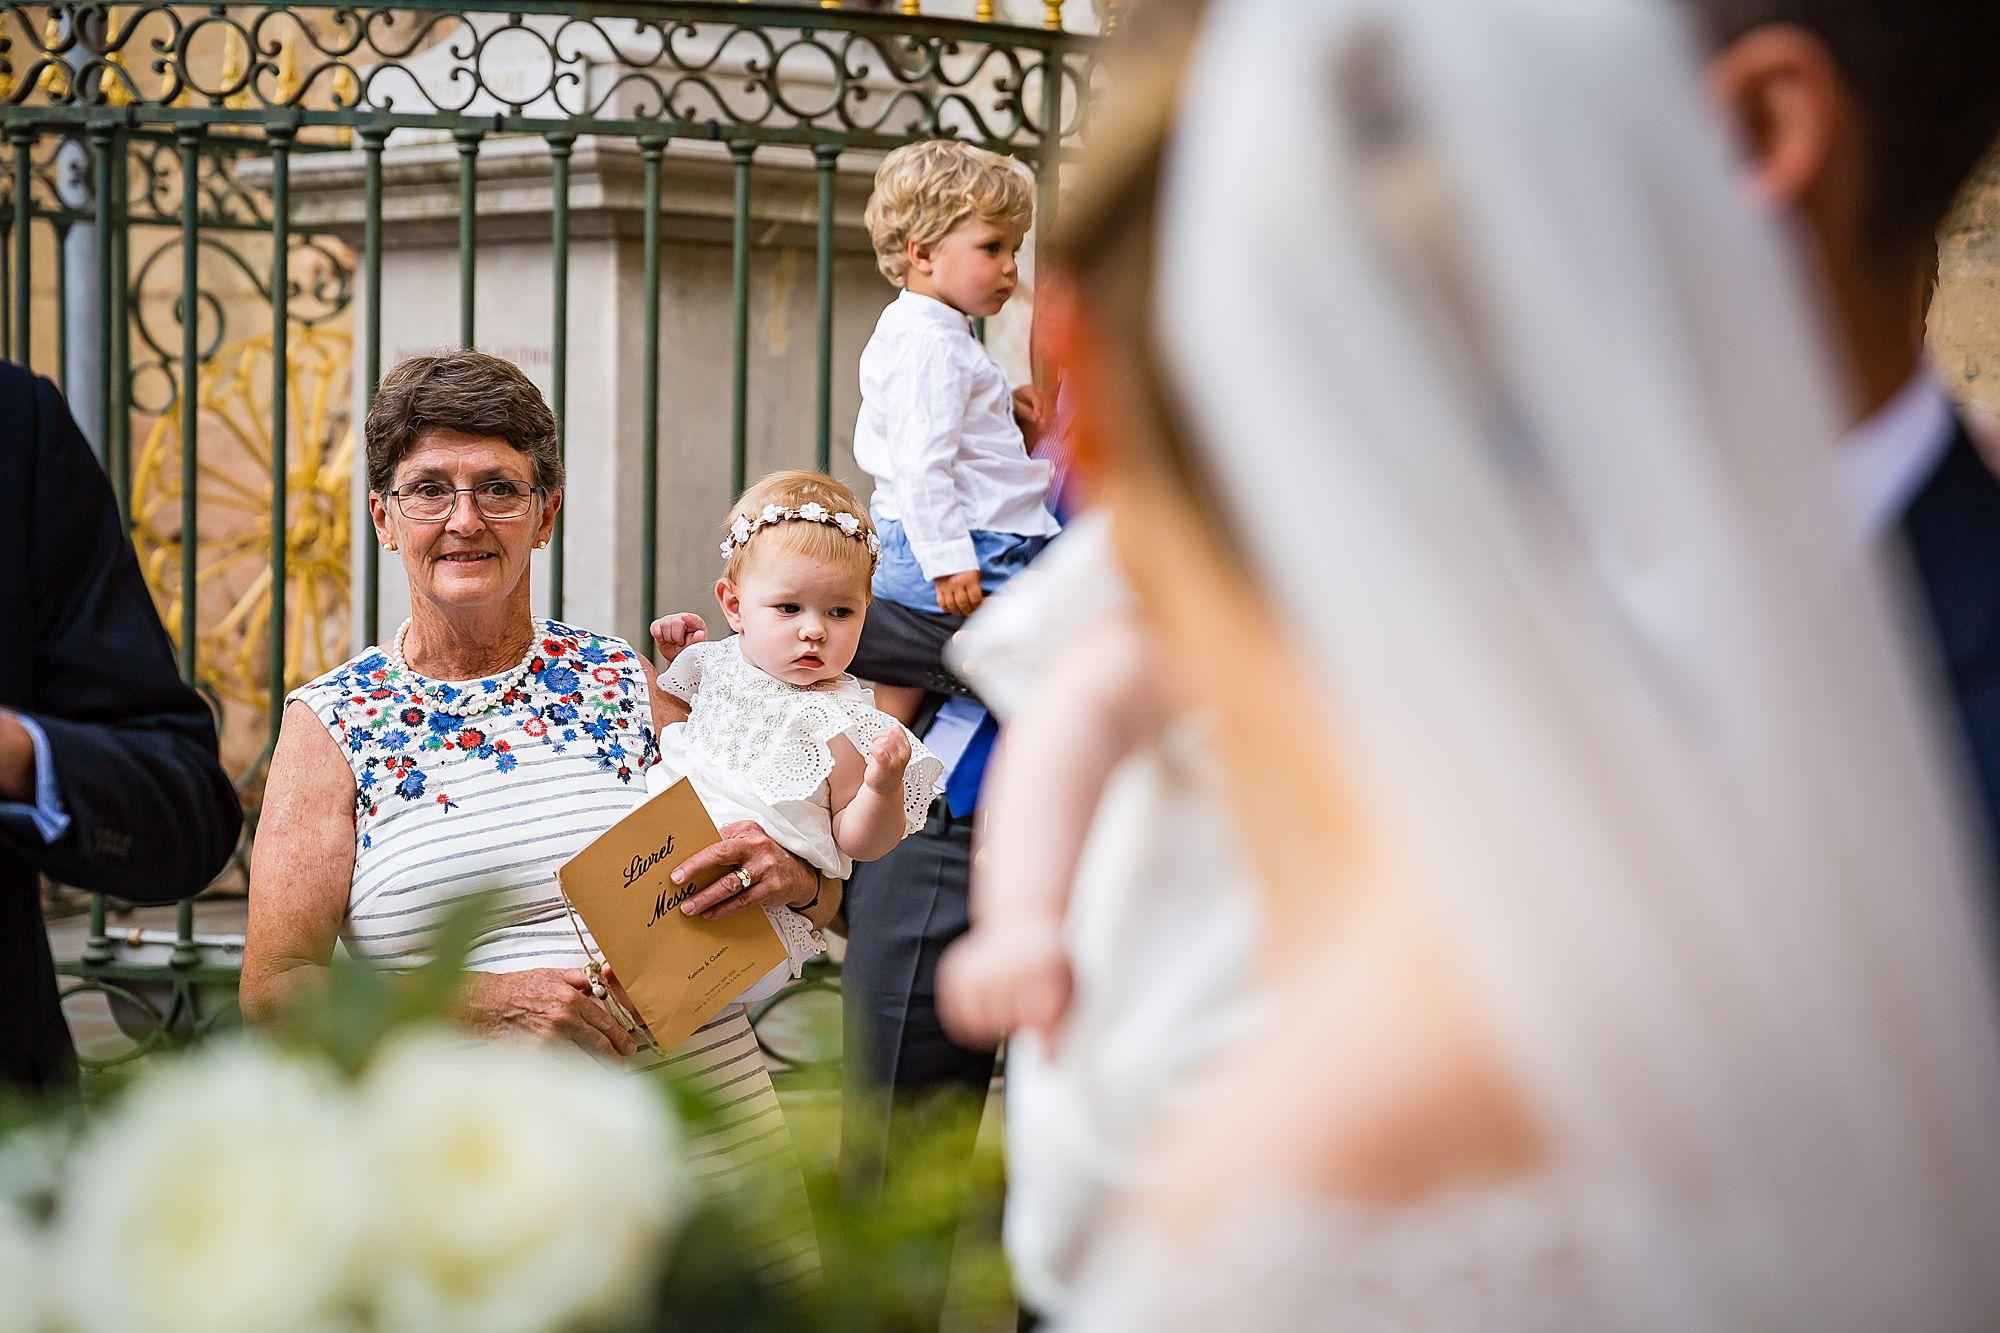 gran looks at bride